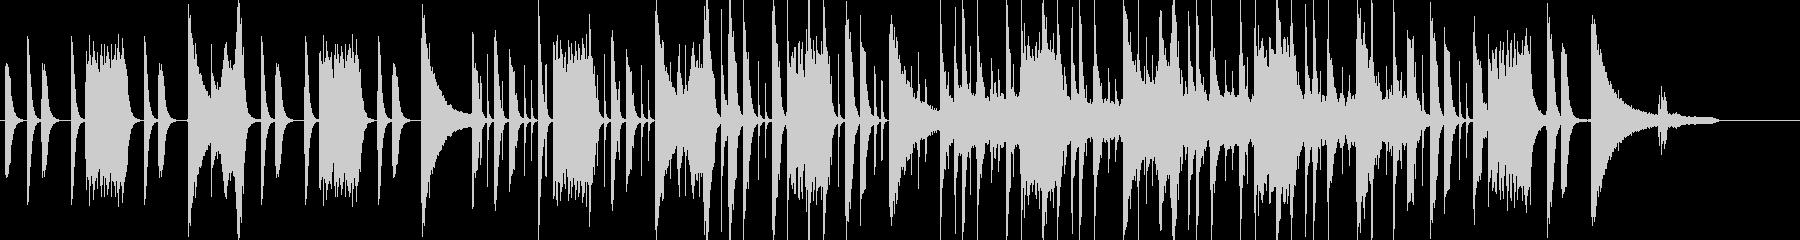 日常系の不思議な雰囲気のピアノポップの未再生の波形